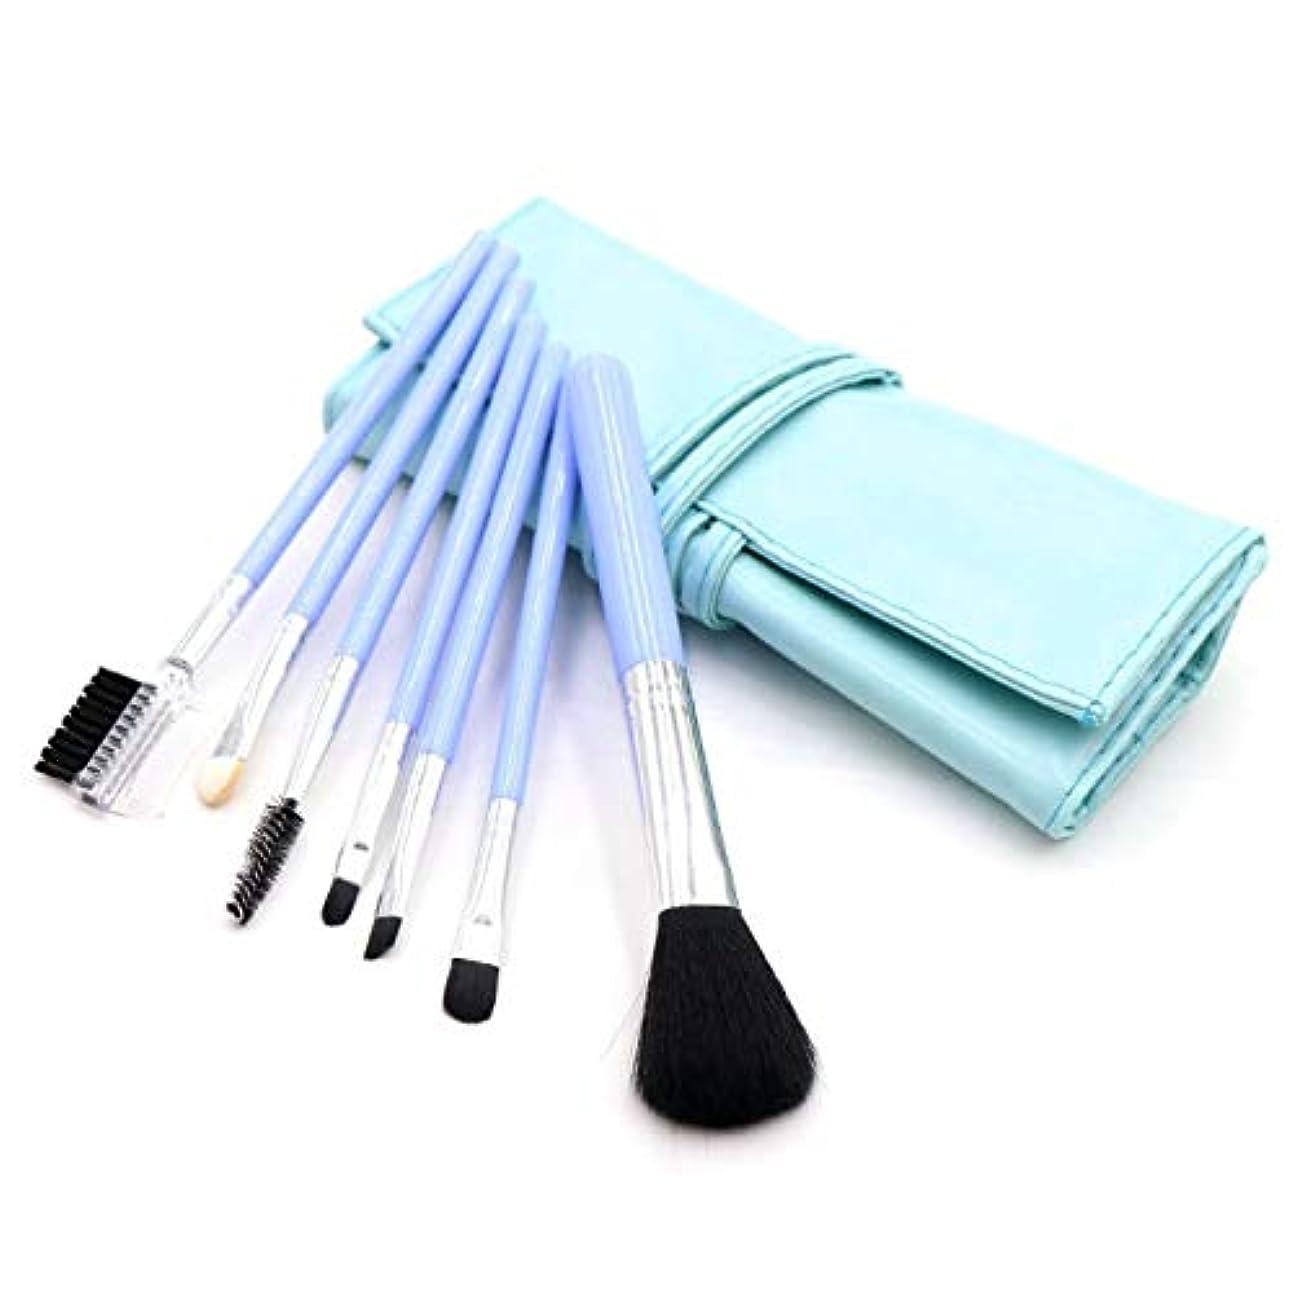 貯水池雰囲気ロンドン化粧ブラシセット、青7化粧ブラシ化粧ブラシセットアイシャドウブラシリップブラシ美容化粧道具